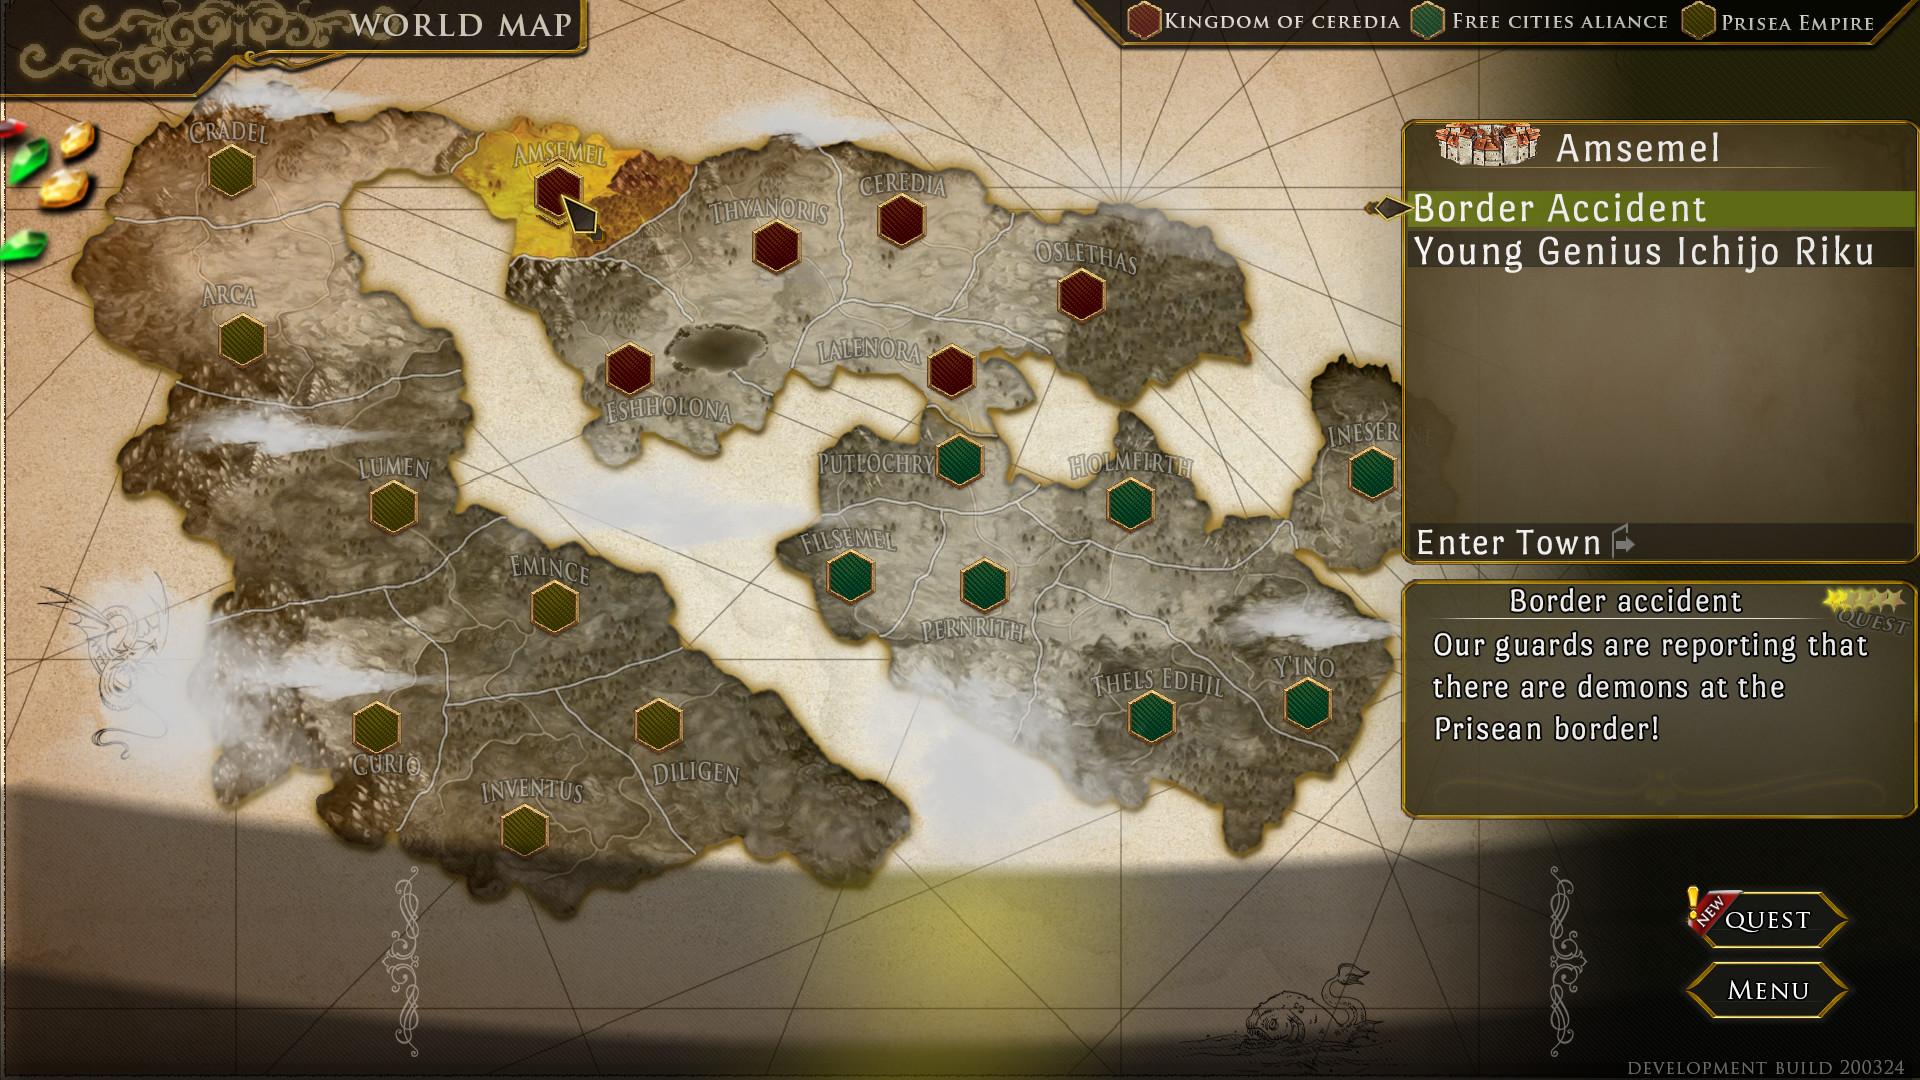 阿什德战争游戏图赏(4)